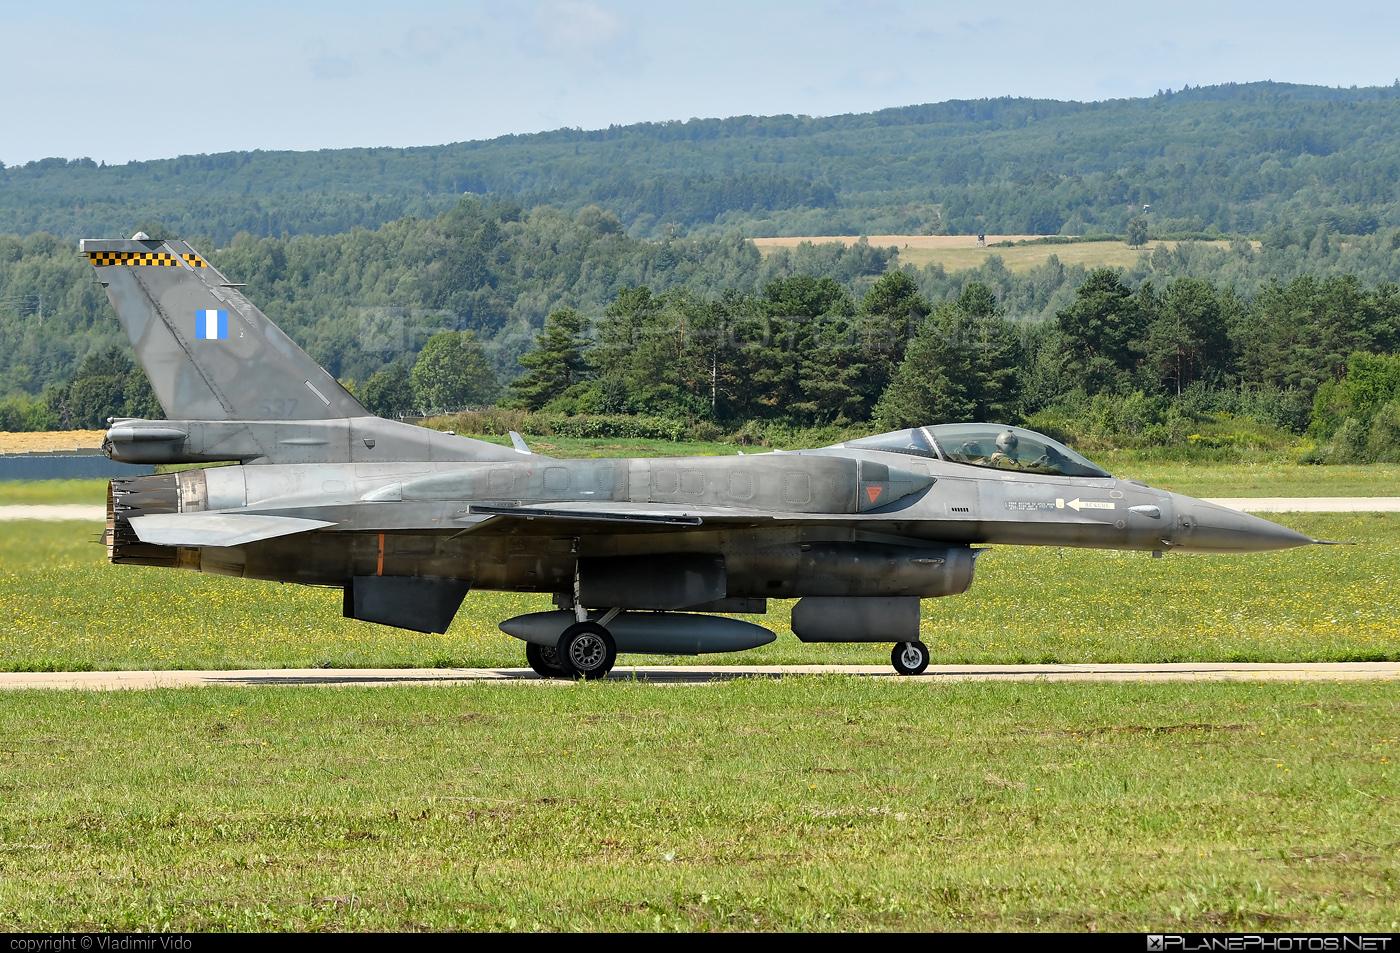 Lockheed Martin F-16CJ Fighting Falcon - 537 operated by Polemikí Aeroporía (Hellenic Air Force) #f16 #f16cj #fightingfalcon #hellenicairforce #lockheedmartin #polemikiaeroporia #siaf2019